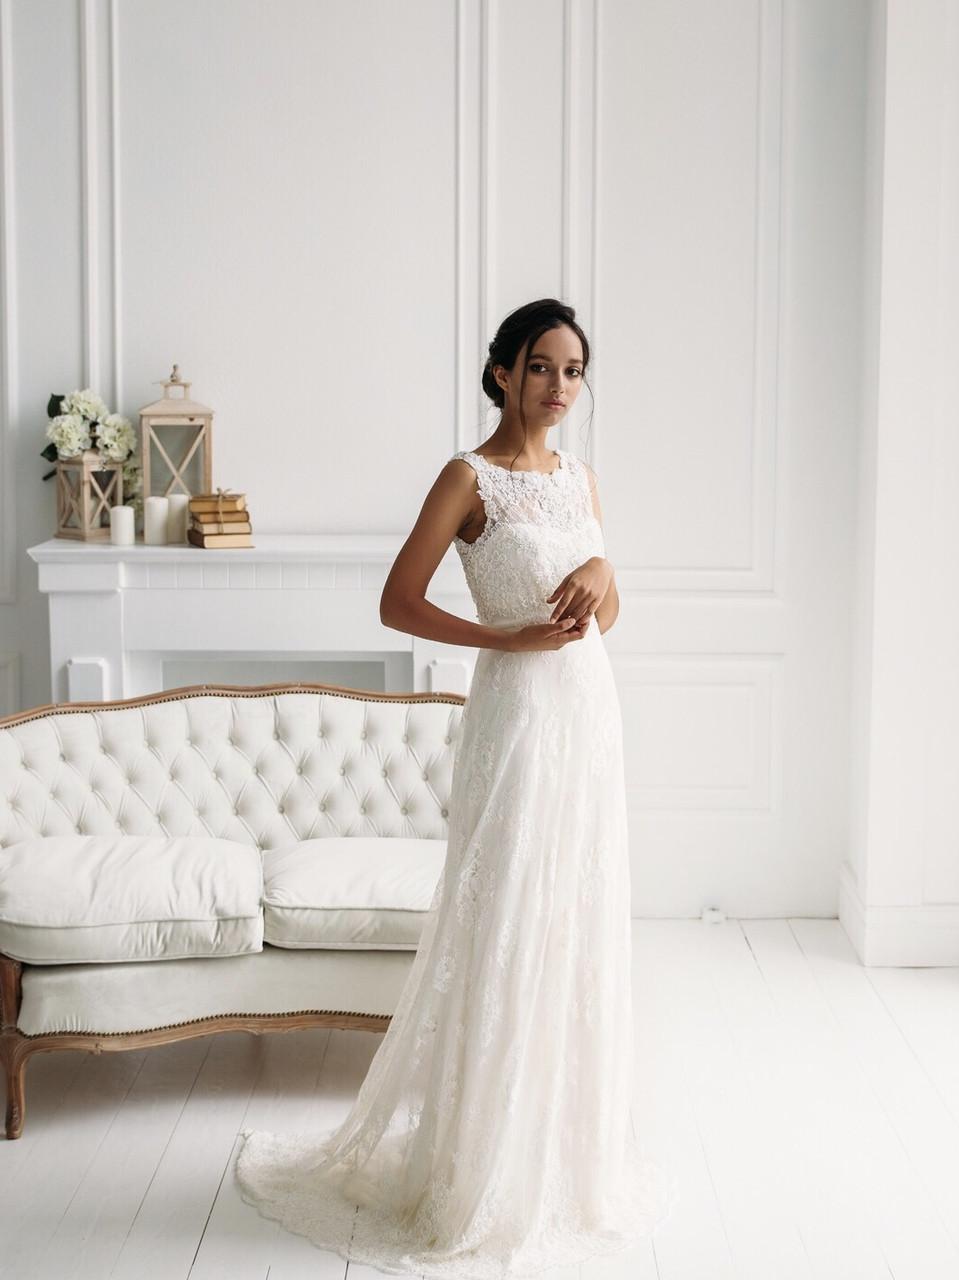 Классическое свадебное платье из тонкого кружева с вышивкой